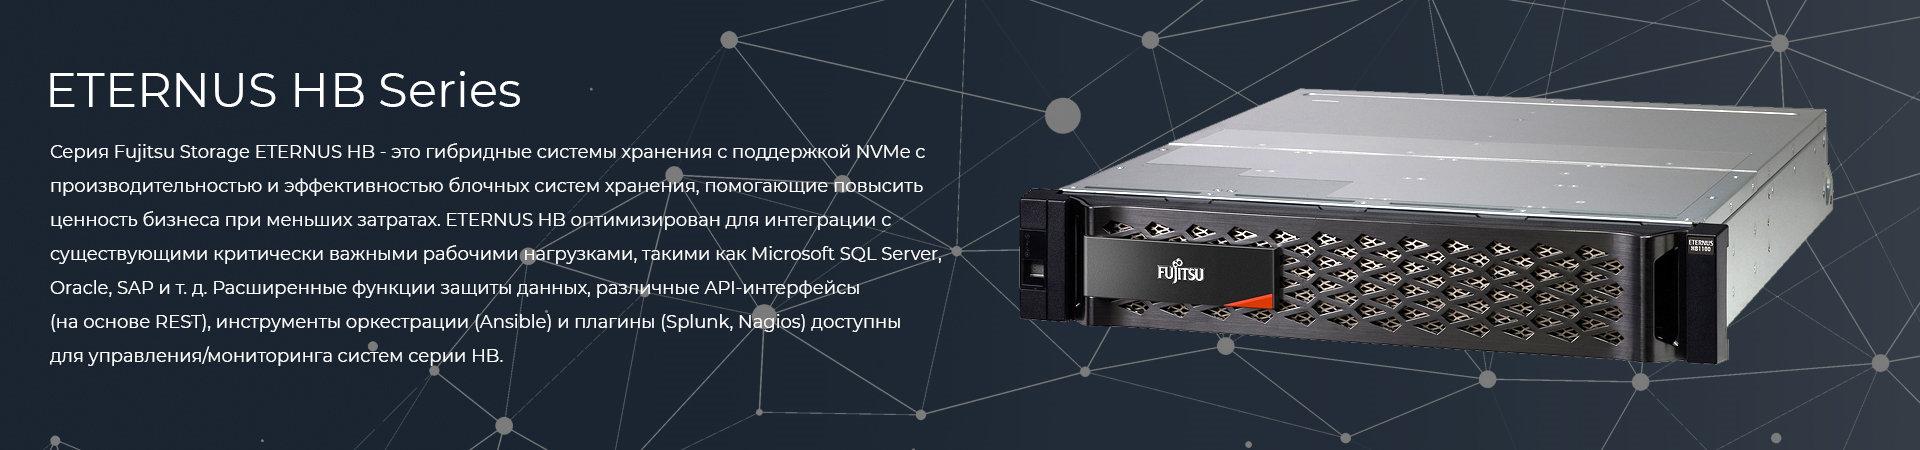 Система хранения данных Fujitsu-Eternus-HB-серия